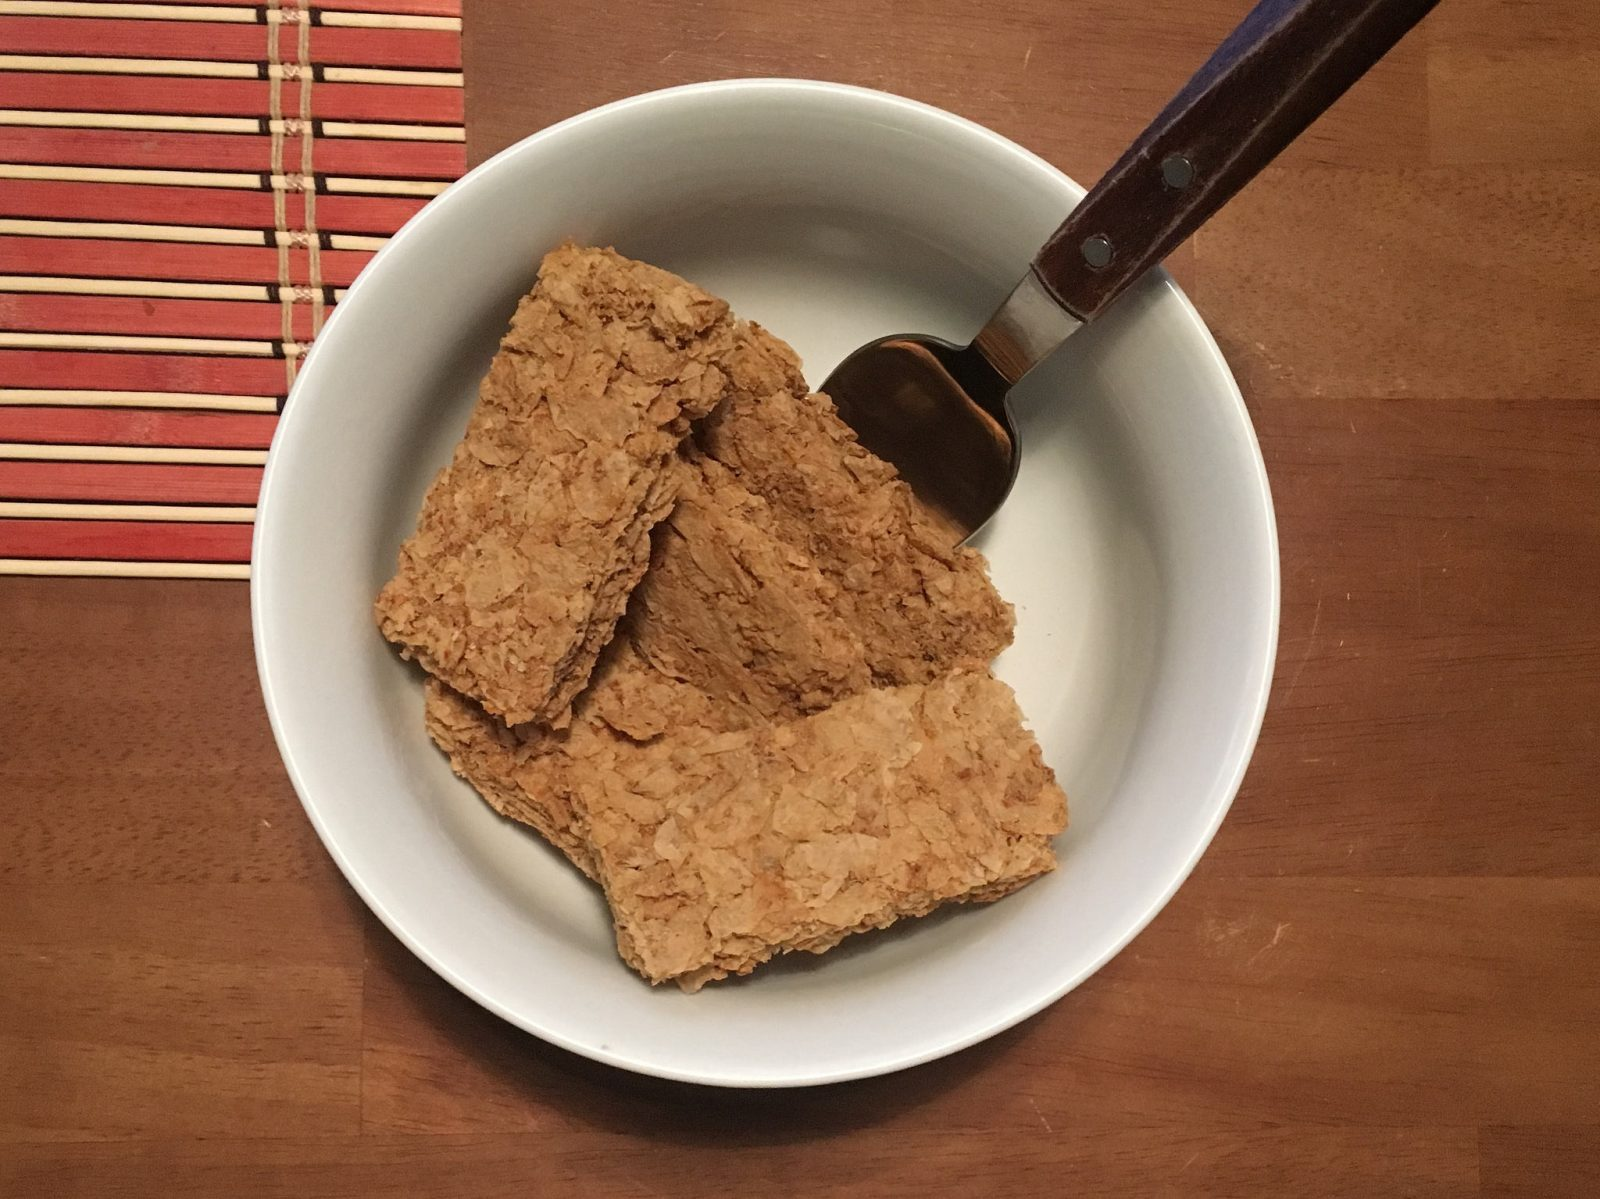 Food to try in Australia: Weet-Bix, the Australian breakfast staple.